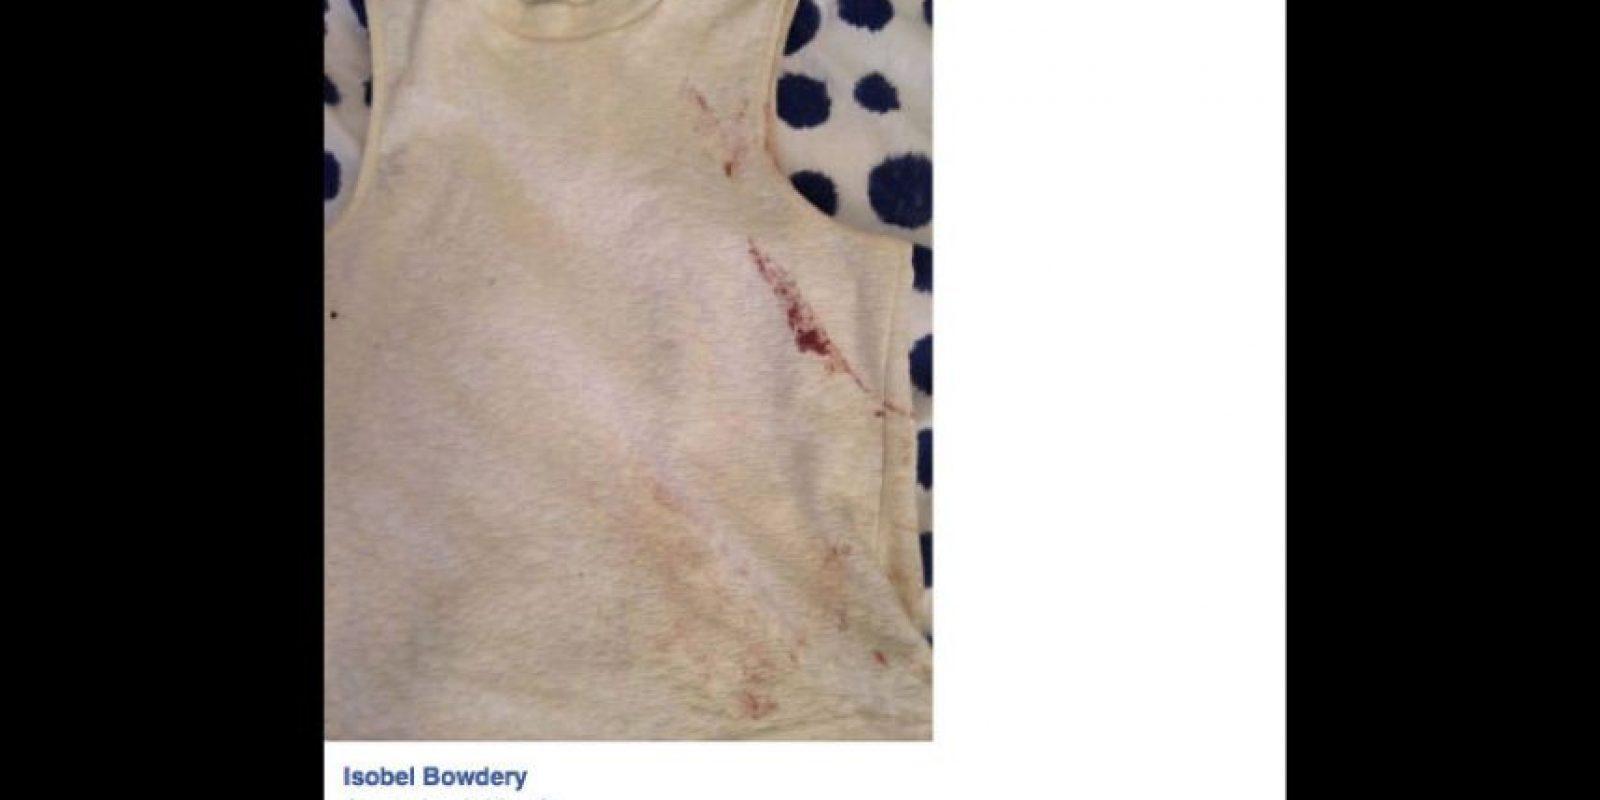 Publicó en Facebook su testimonio y su prenda, recuerdo del horror que vivió. El post se hizo viral. Foto:vía Facebook/Isobel Bowdery